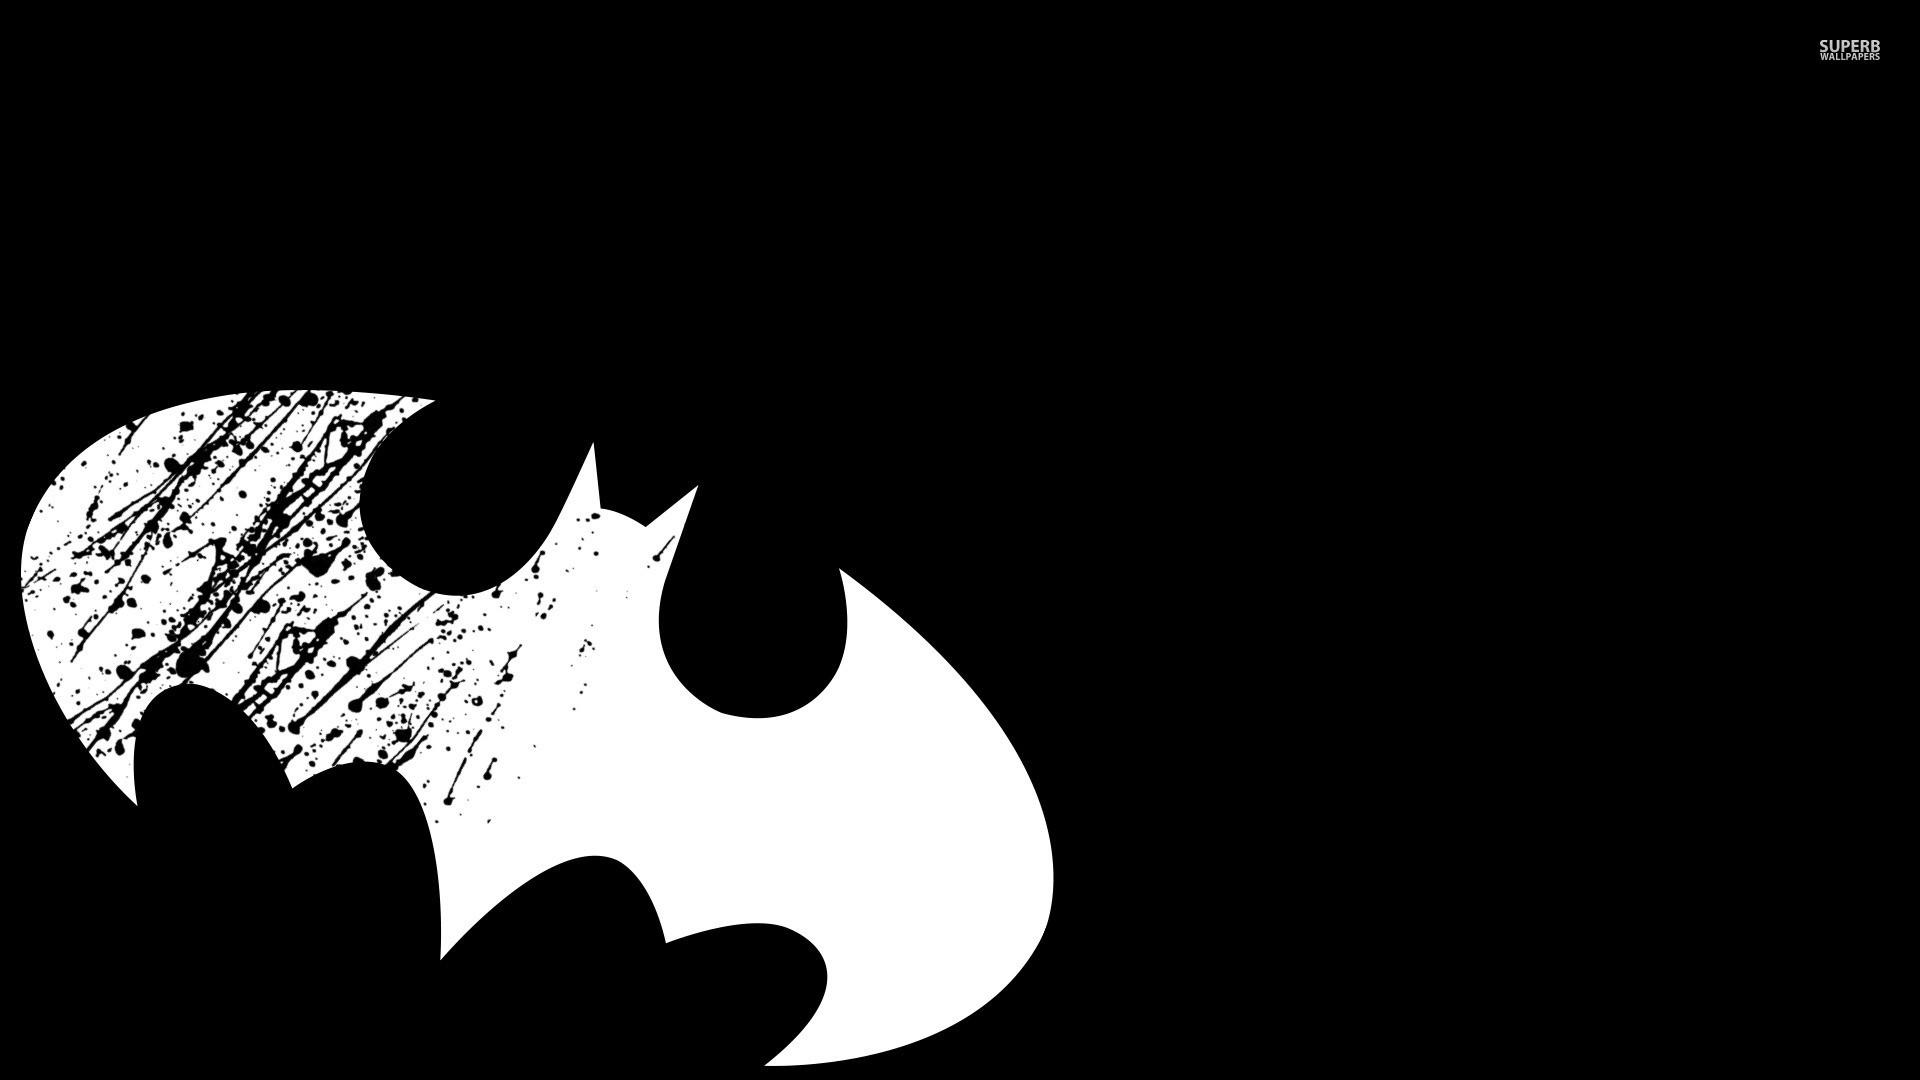 Ultra HD 4K Batman Wallpapers HD, Desktop Backgrounds 3840×2400 .